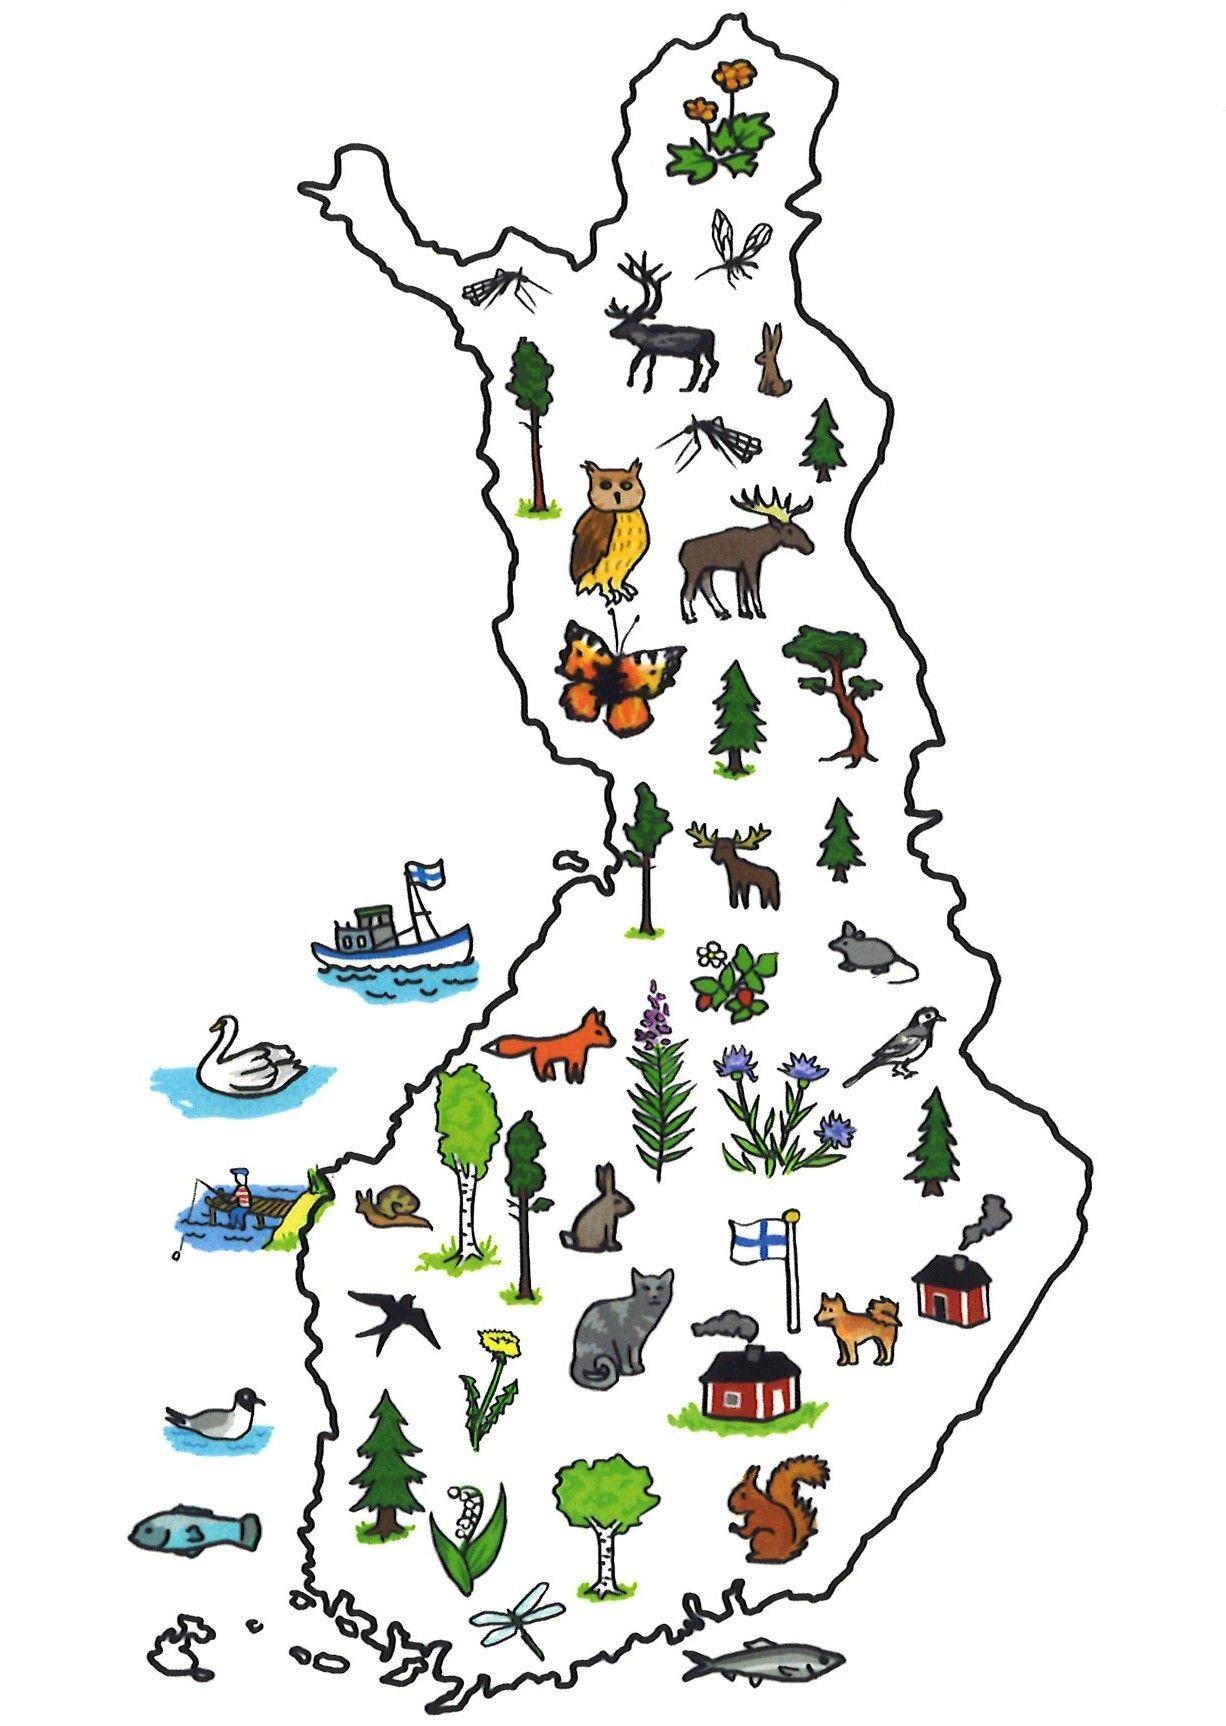 Suomen Kartta Kartta Suomi Esikoululaisille